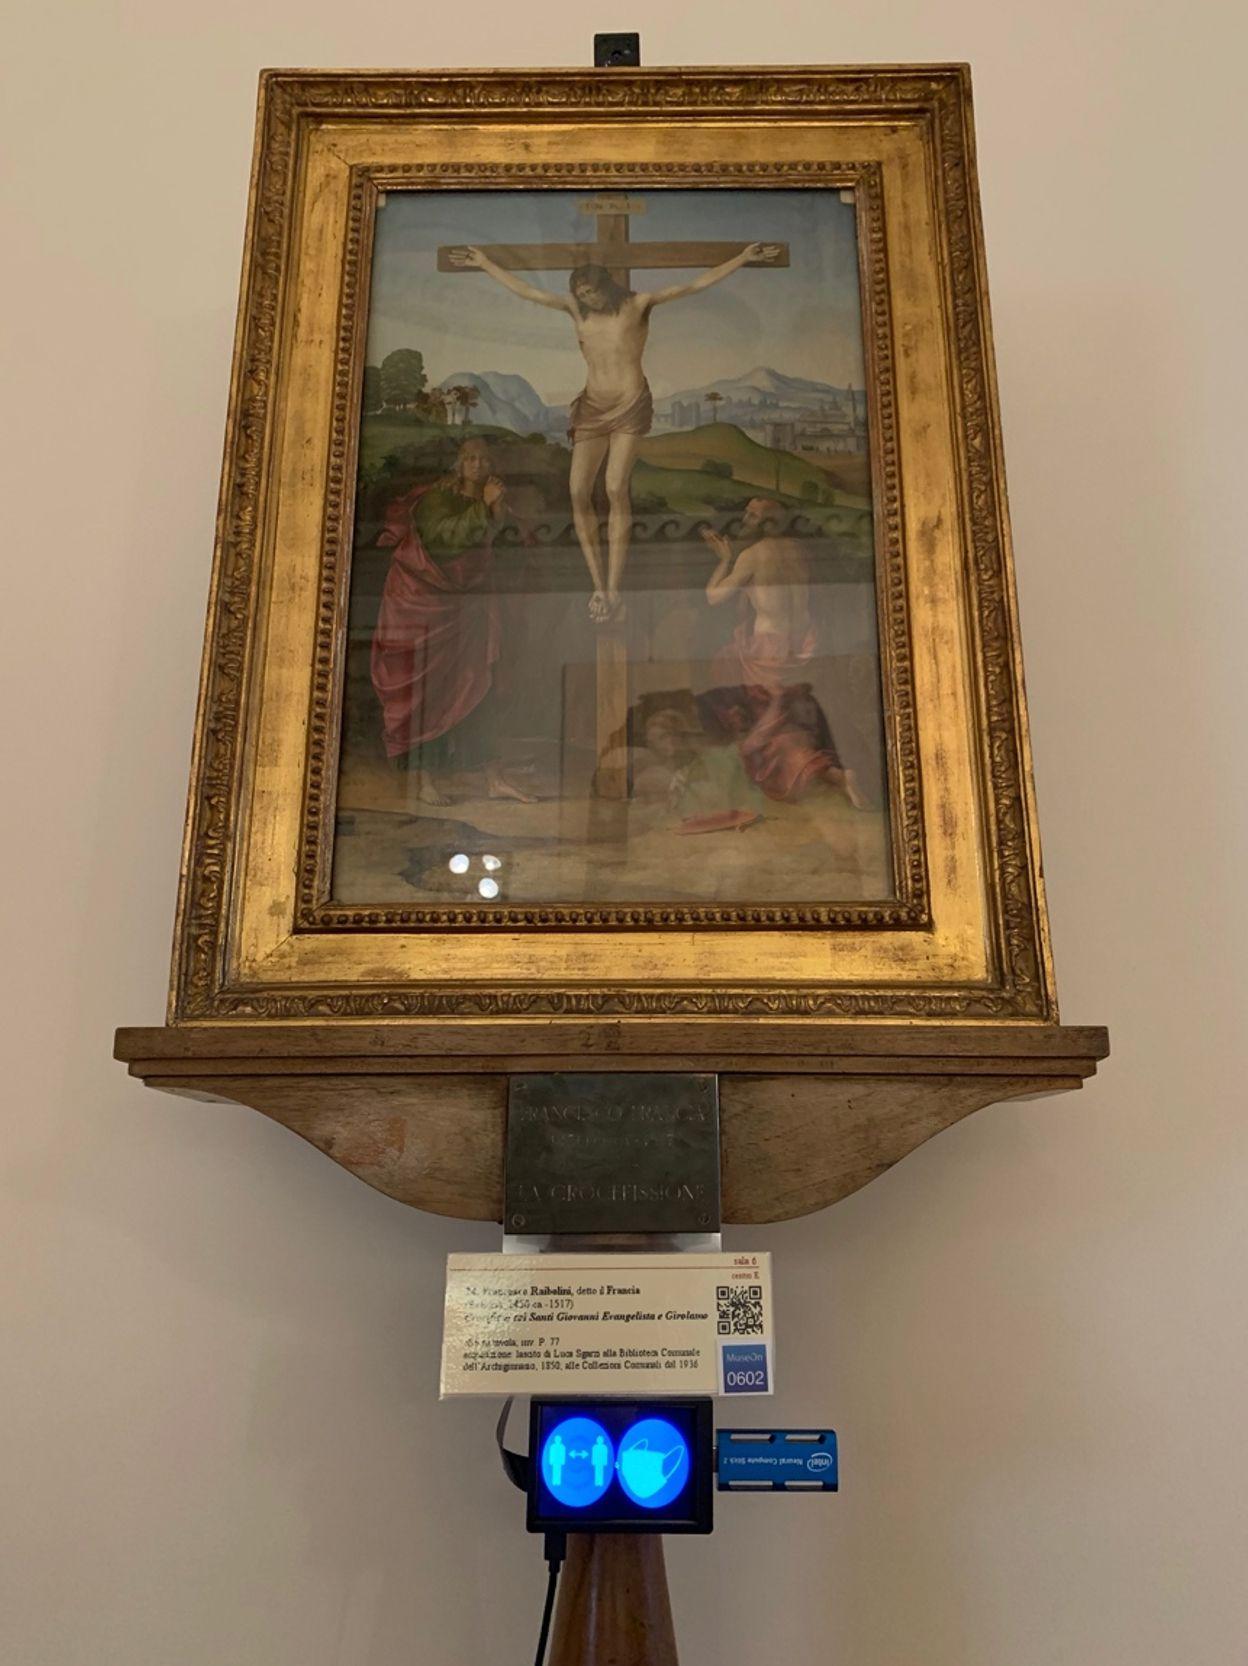 Crean tecnología que mide el atractivo de una obra de arte según el tiempo que las personas la miren - Dossierweb